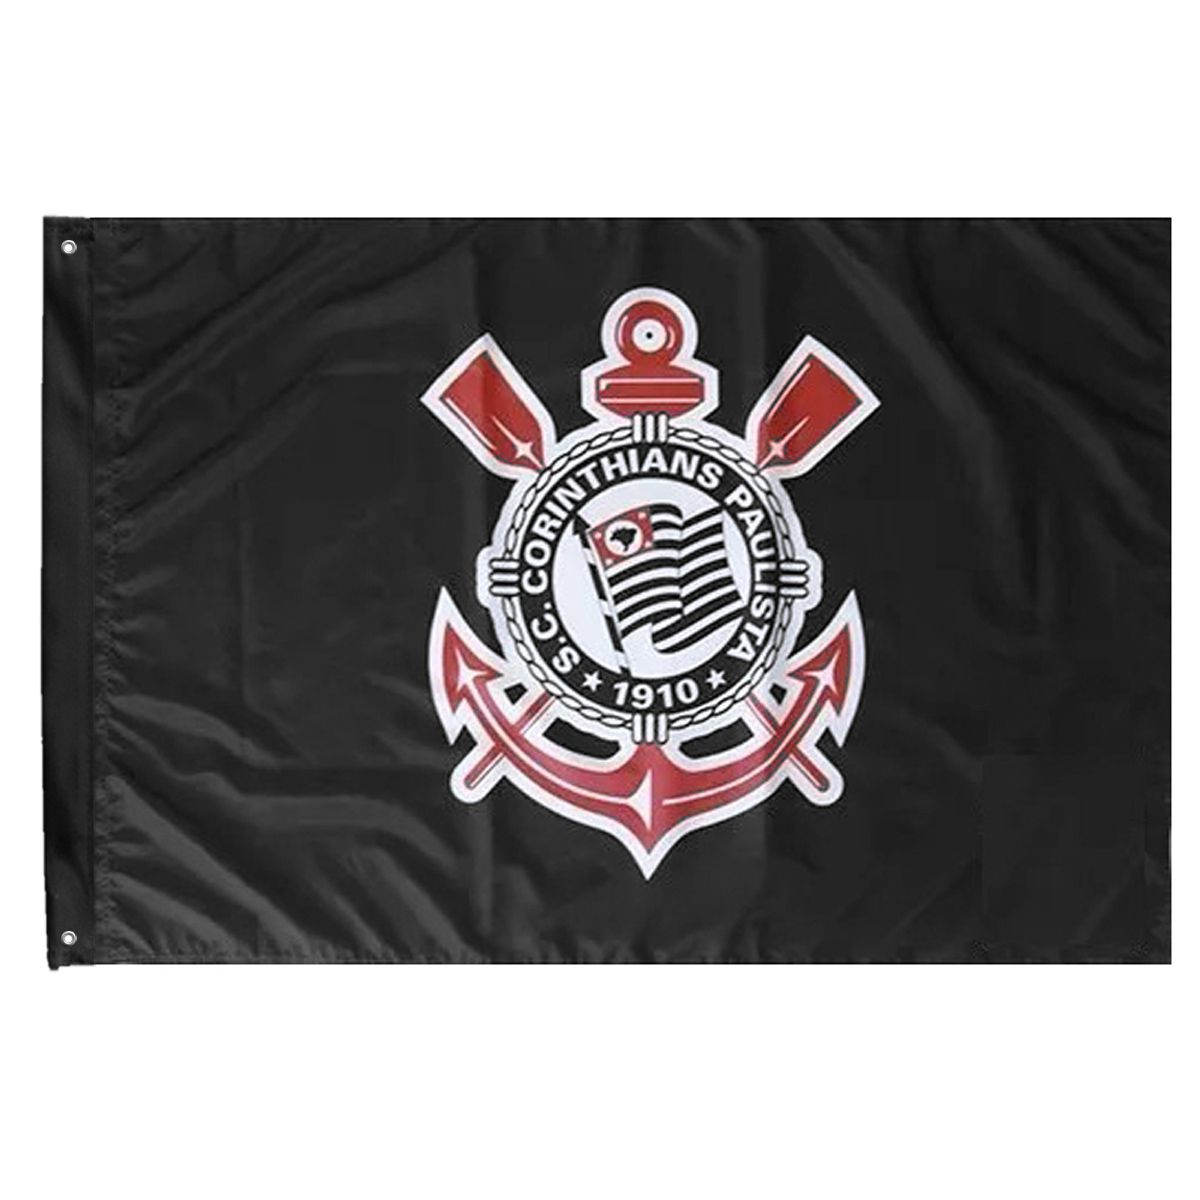 Bandeira Oficial do Corinthians 64 x 45 cm